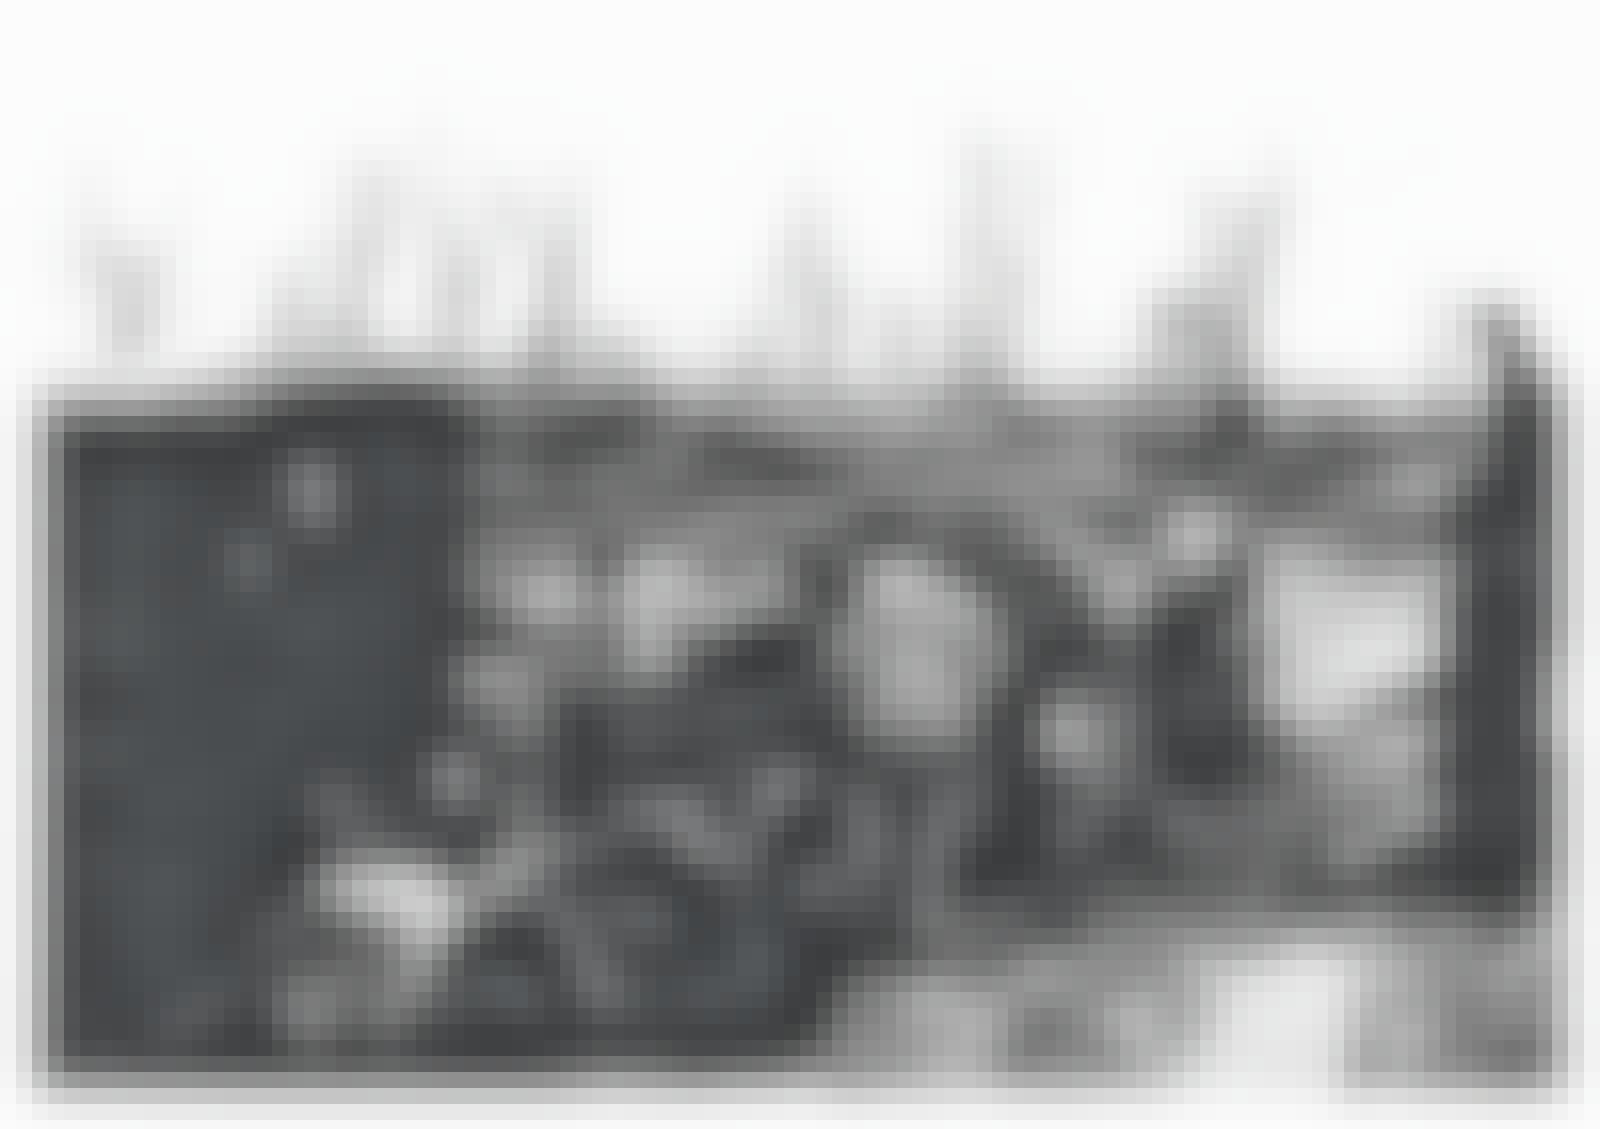 Fangerne byggede Birkenau